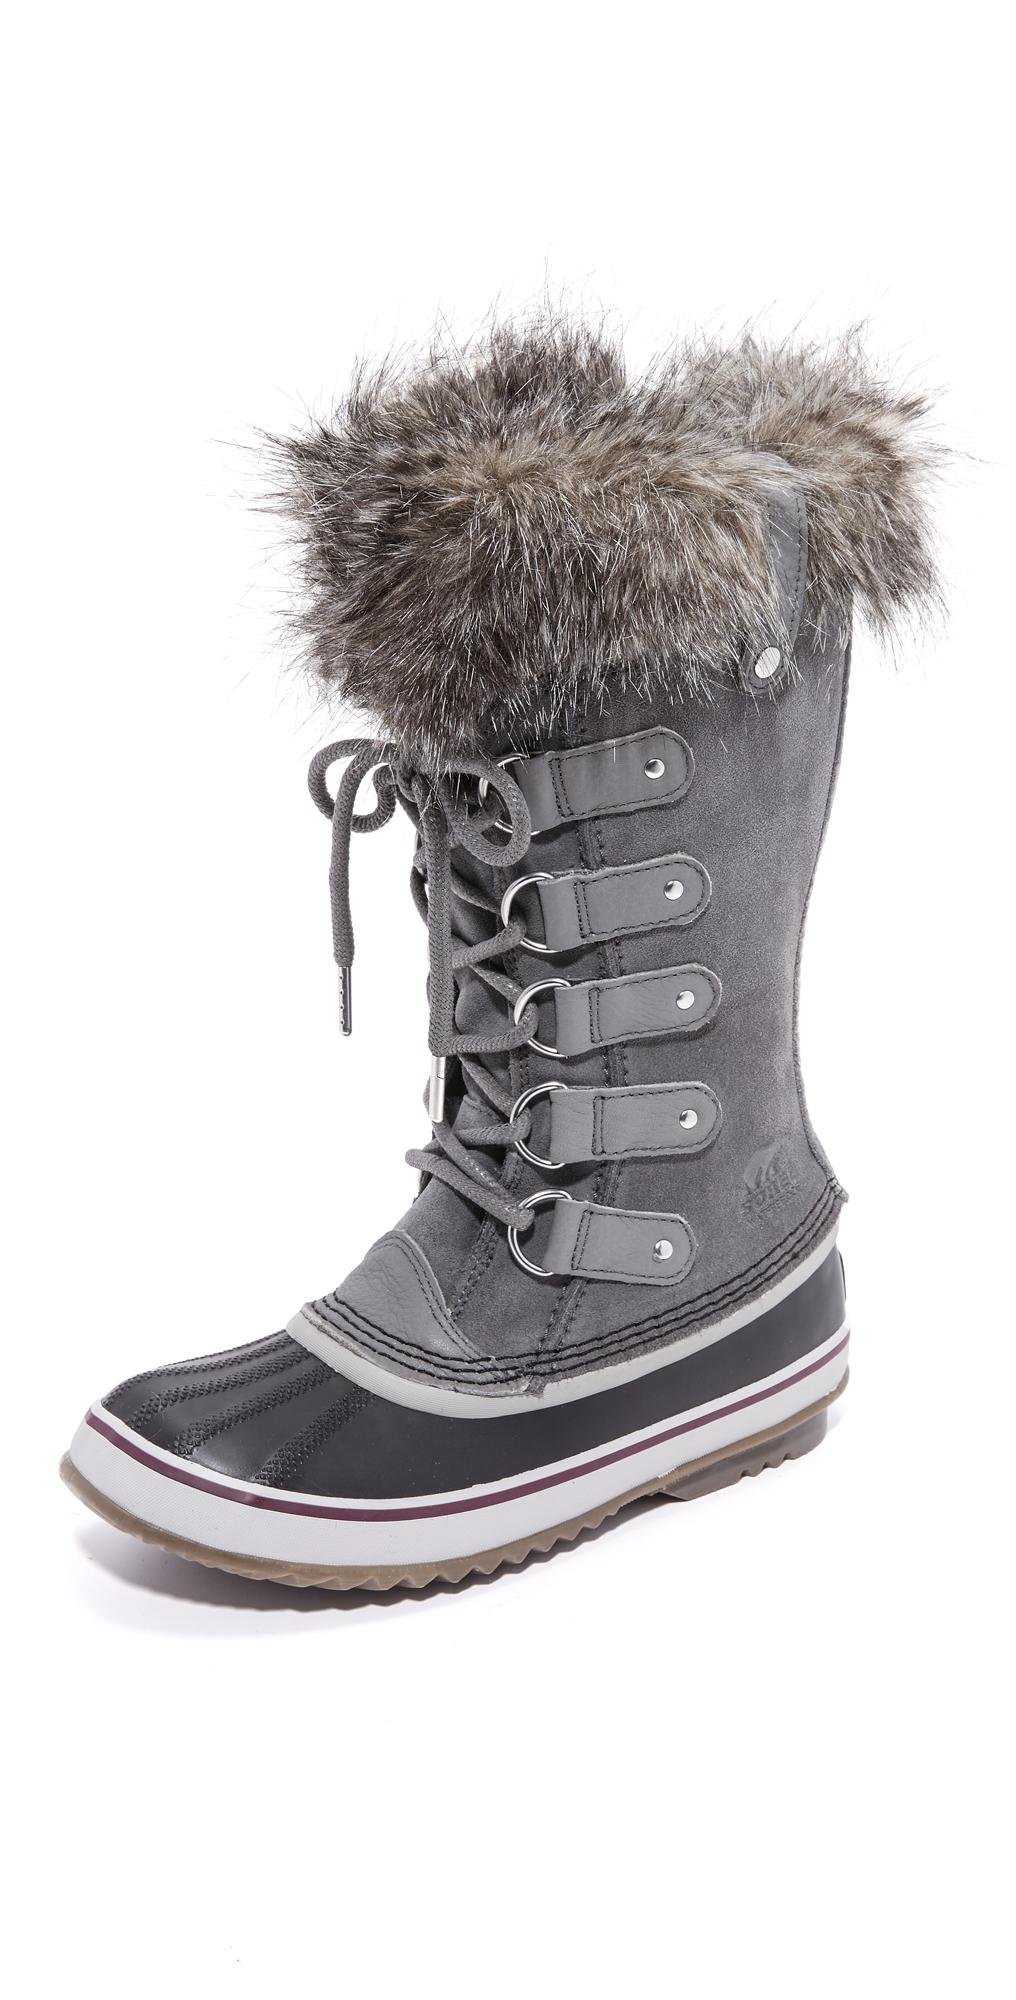 Joan of Arctic Boots Sorel